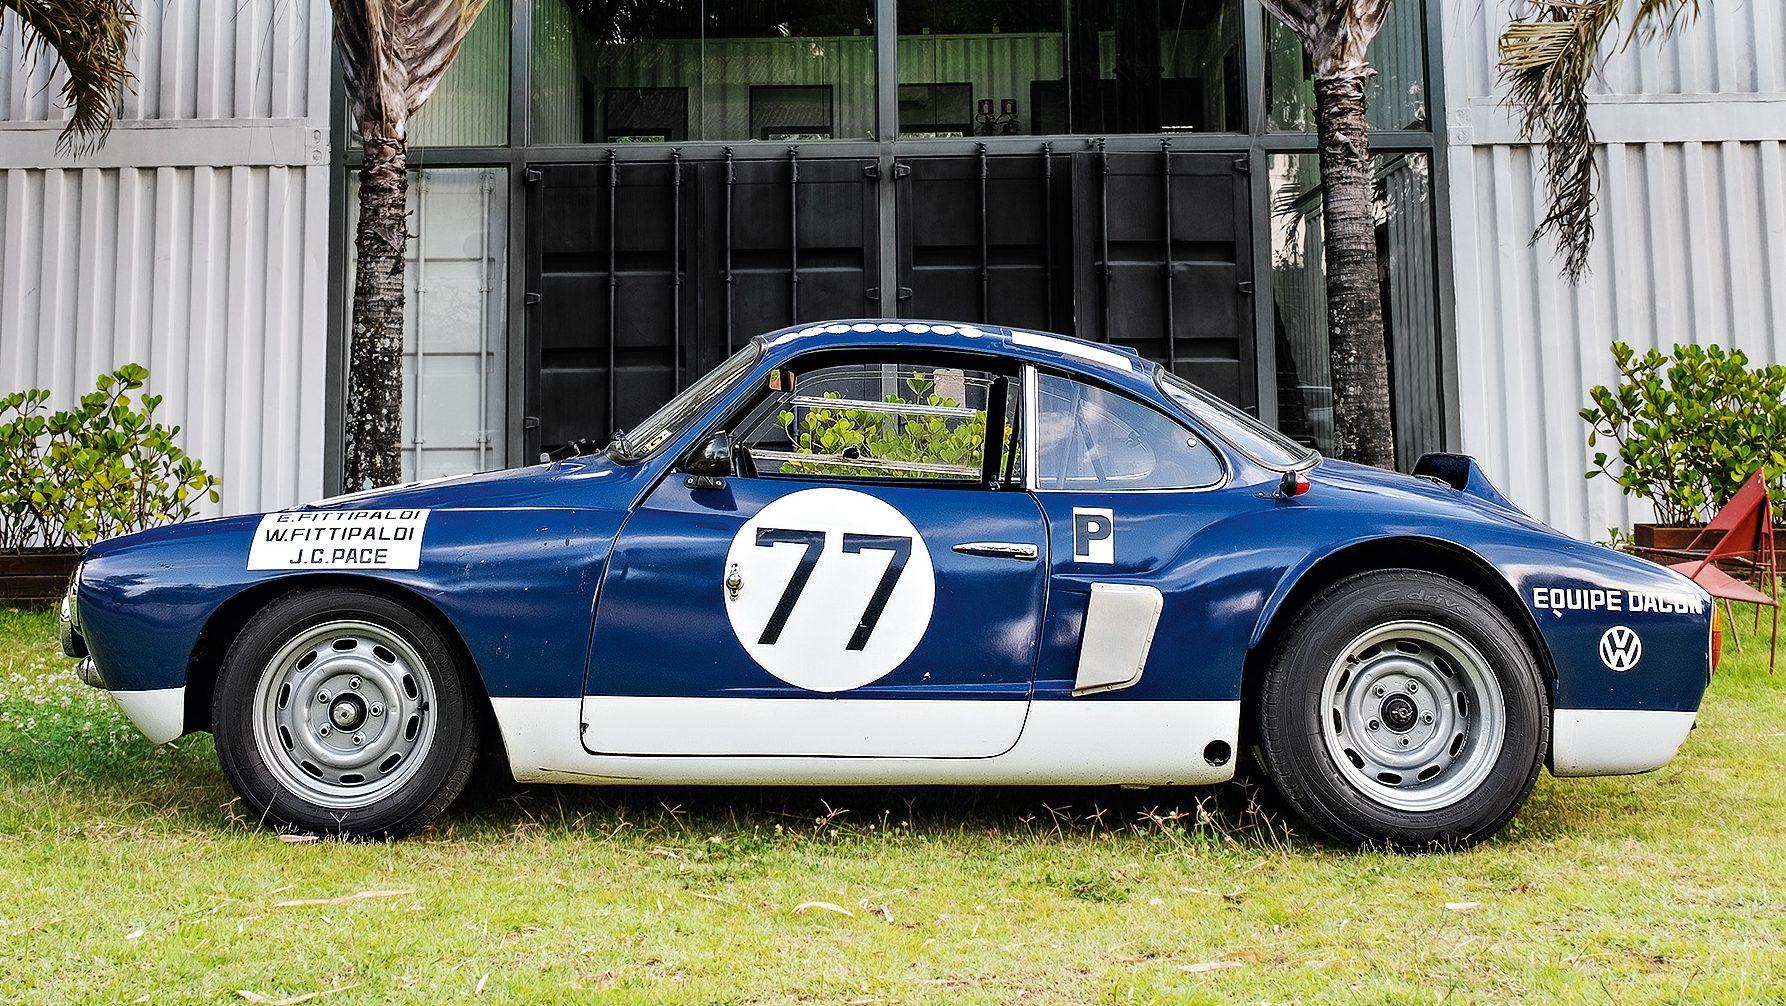 Karmann-Ghia Dacon 1966 lateral e rodas